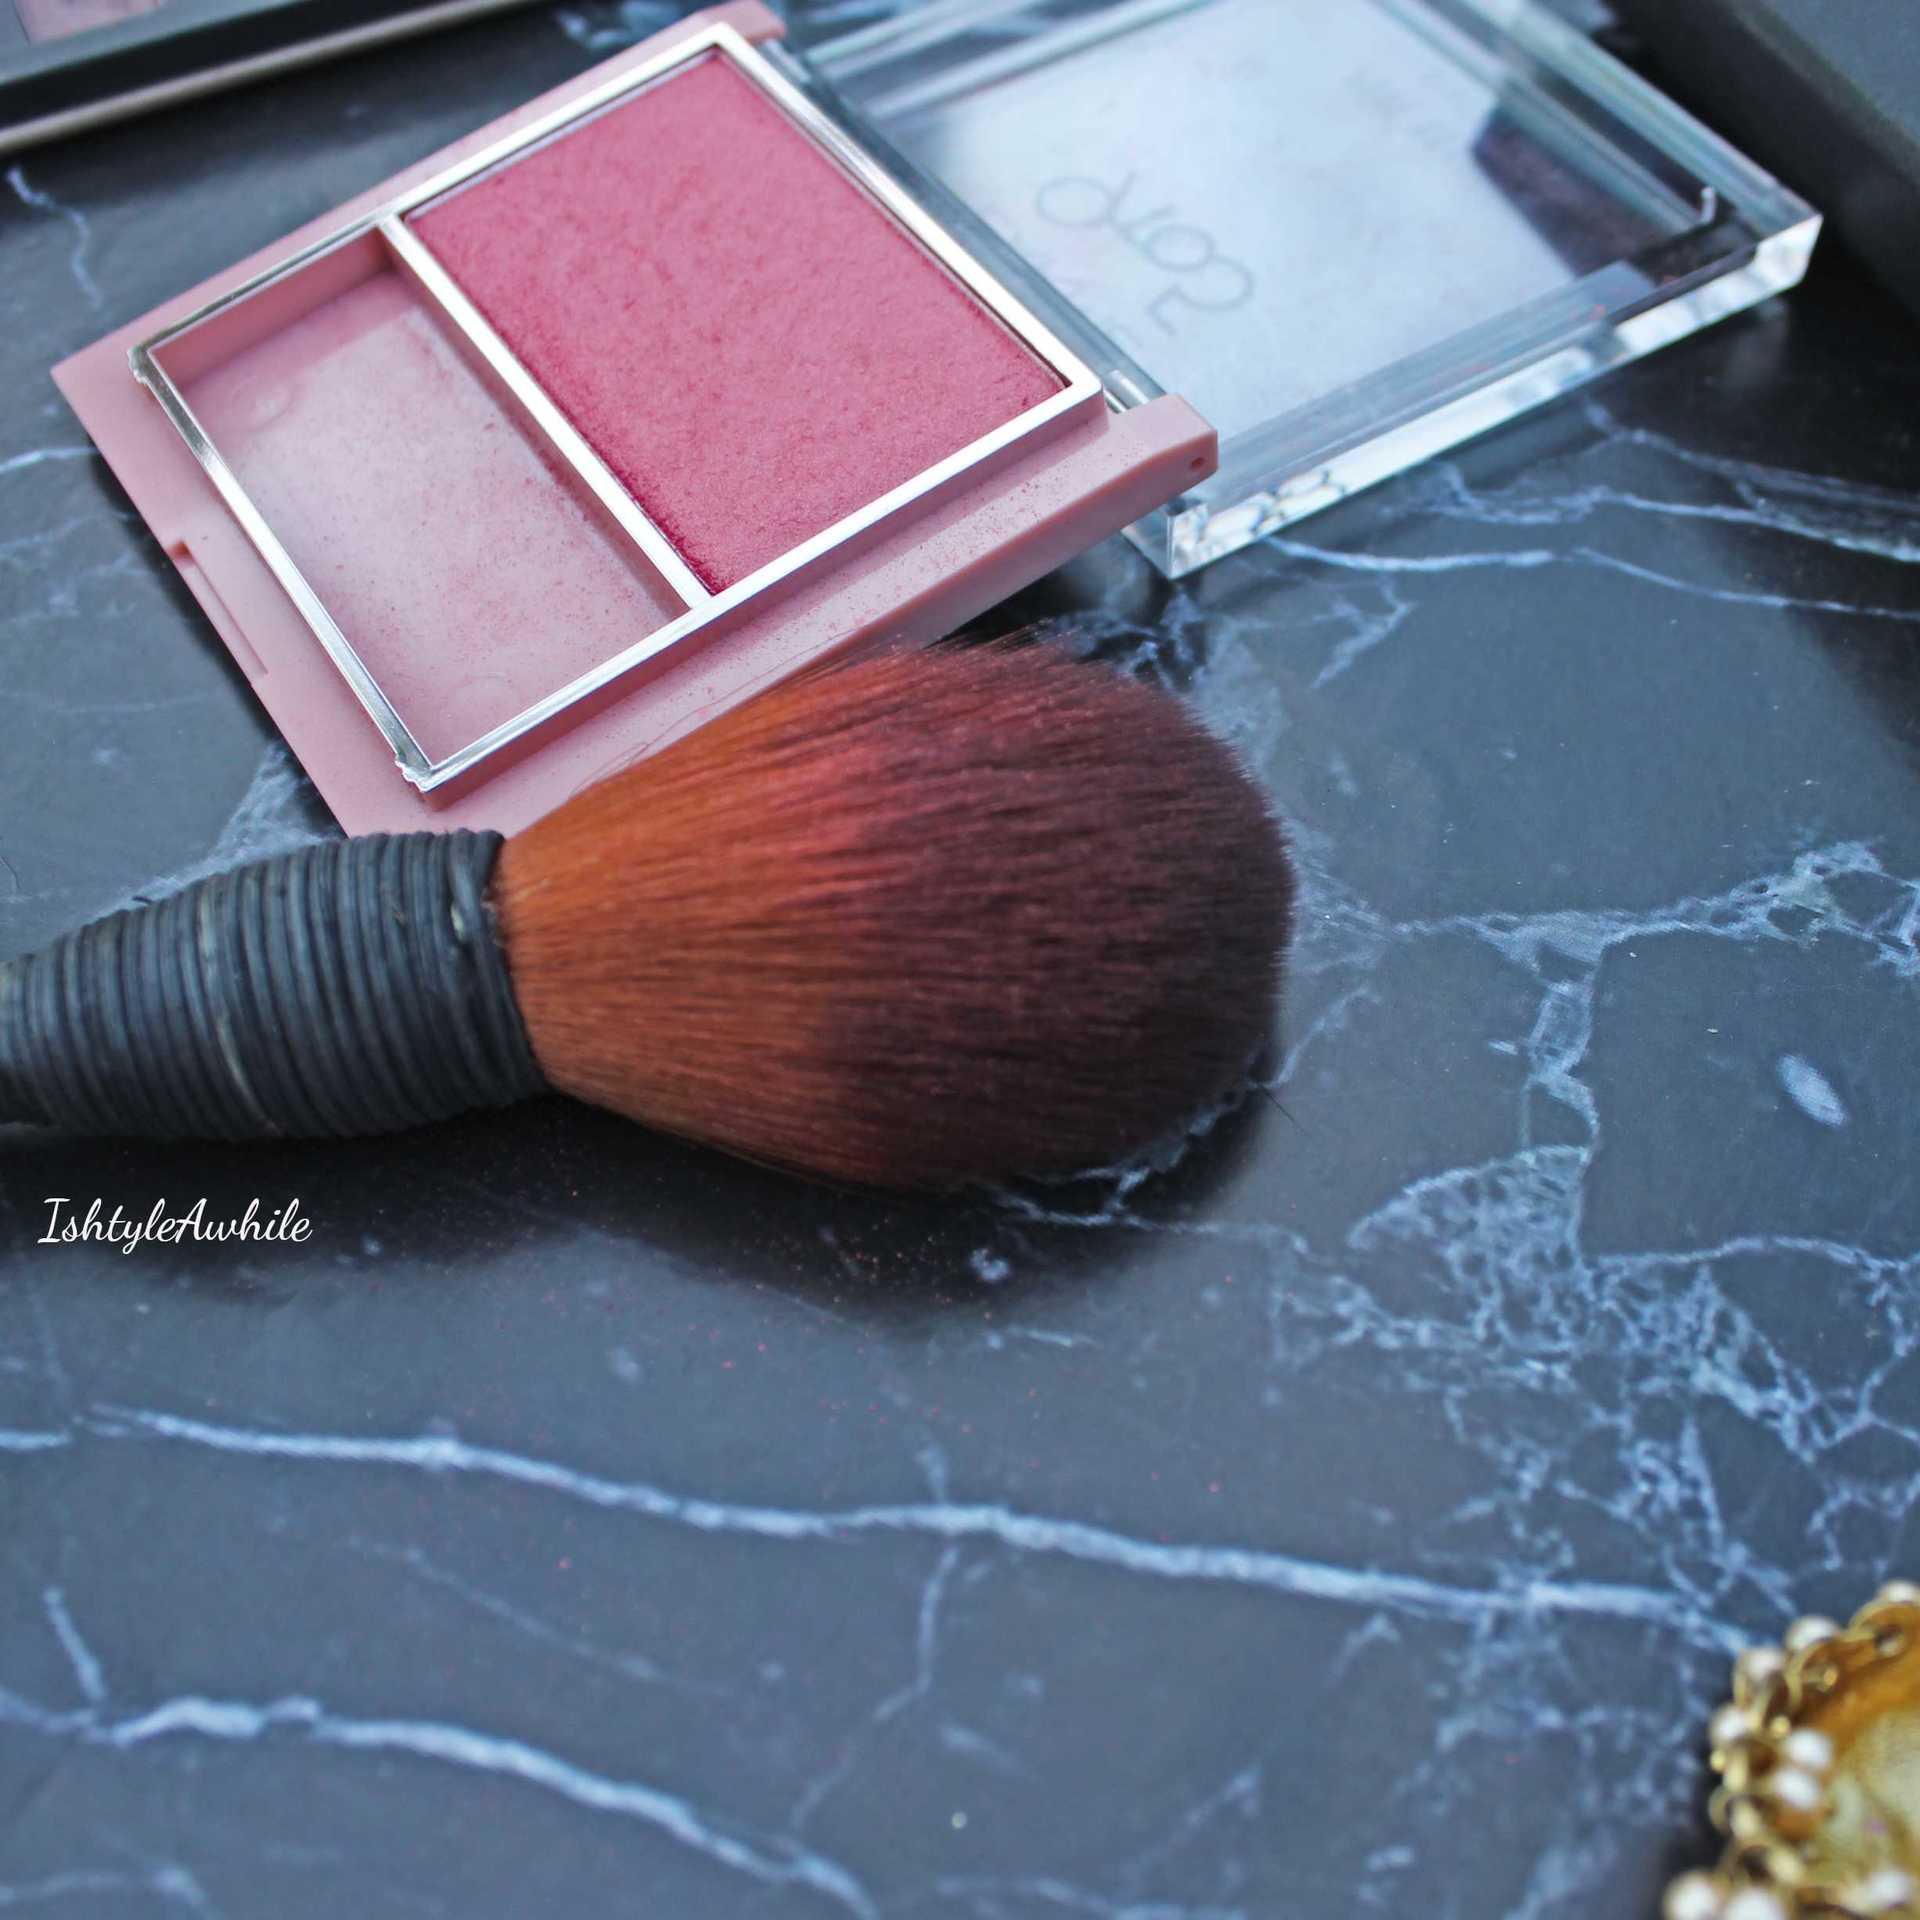 IshtyleAwhile - wiseshe blush brush review ishtyleawhile